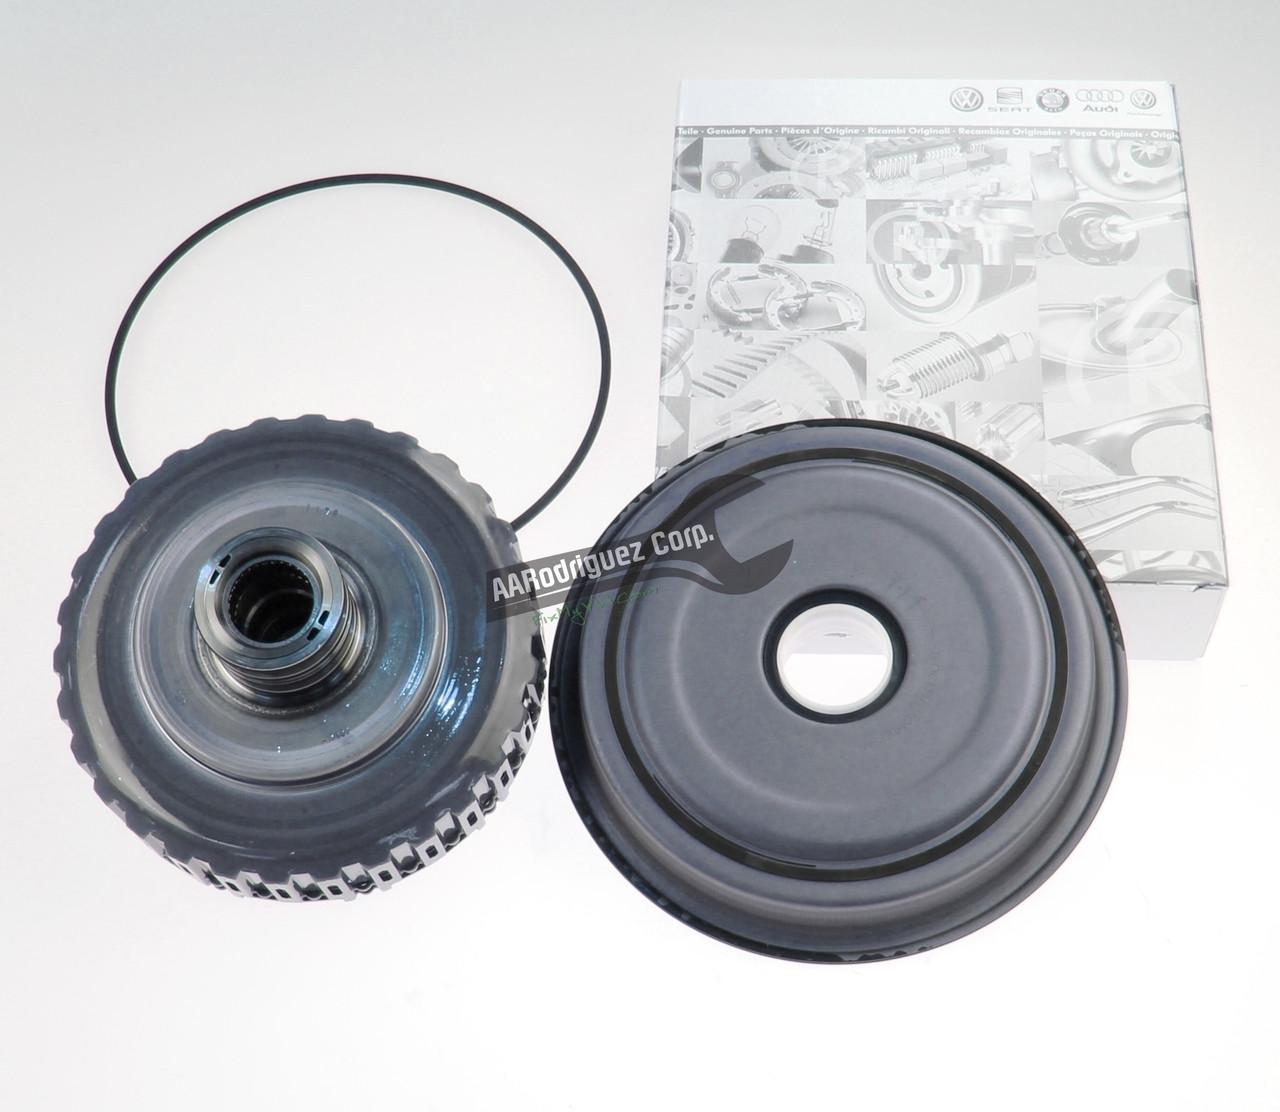 GENUINE VW DSG clutch pack kit 02E 398 029A (AAR1713)